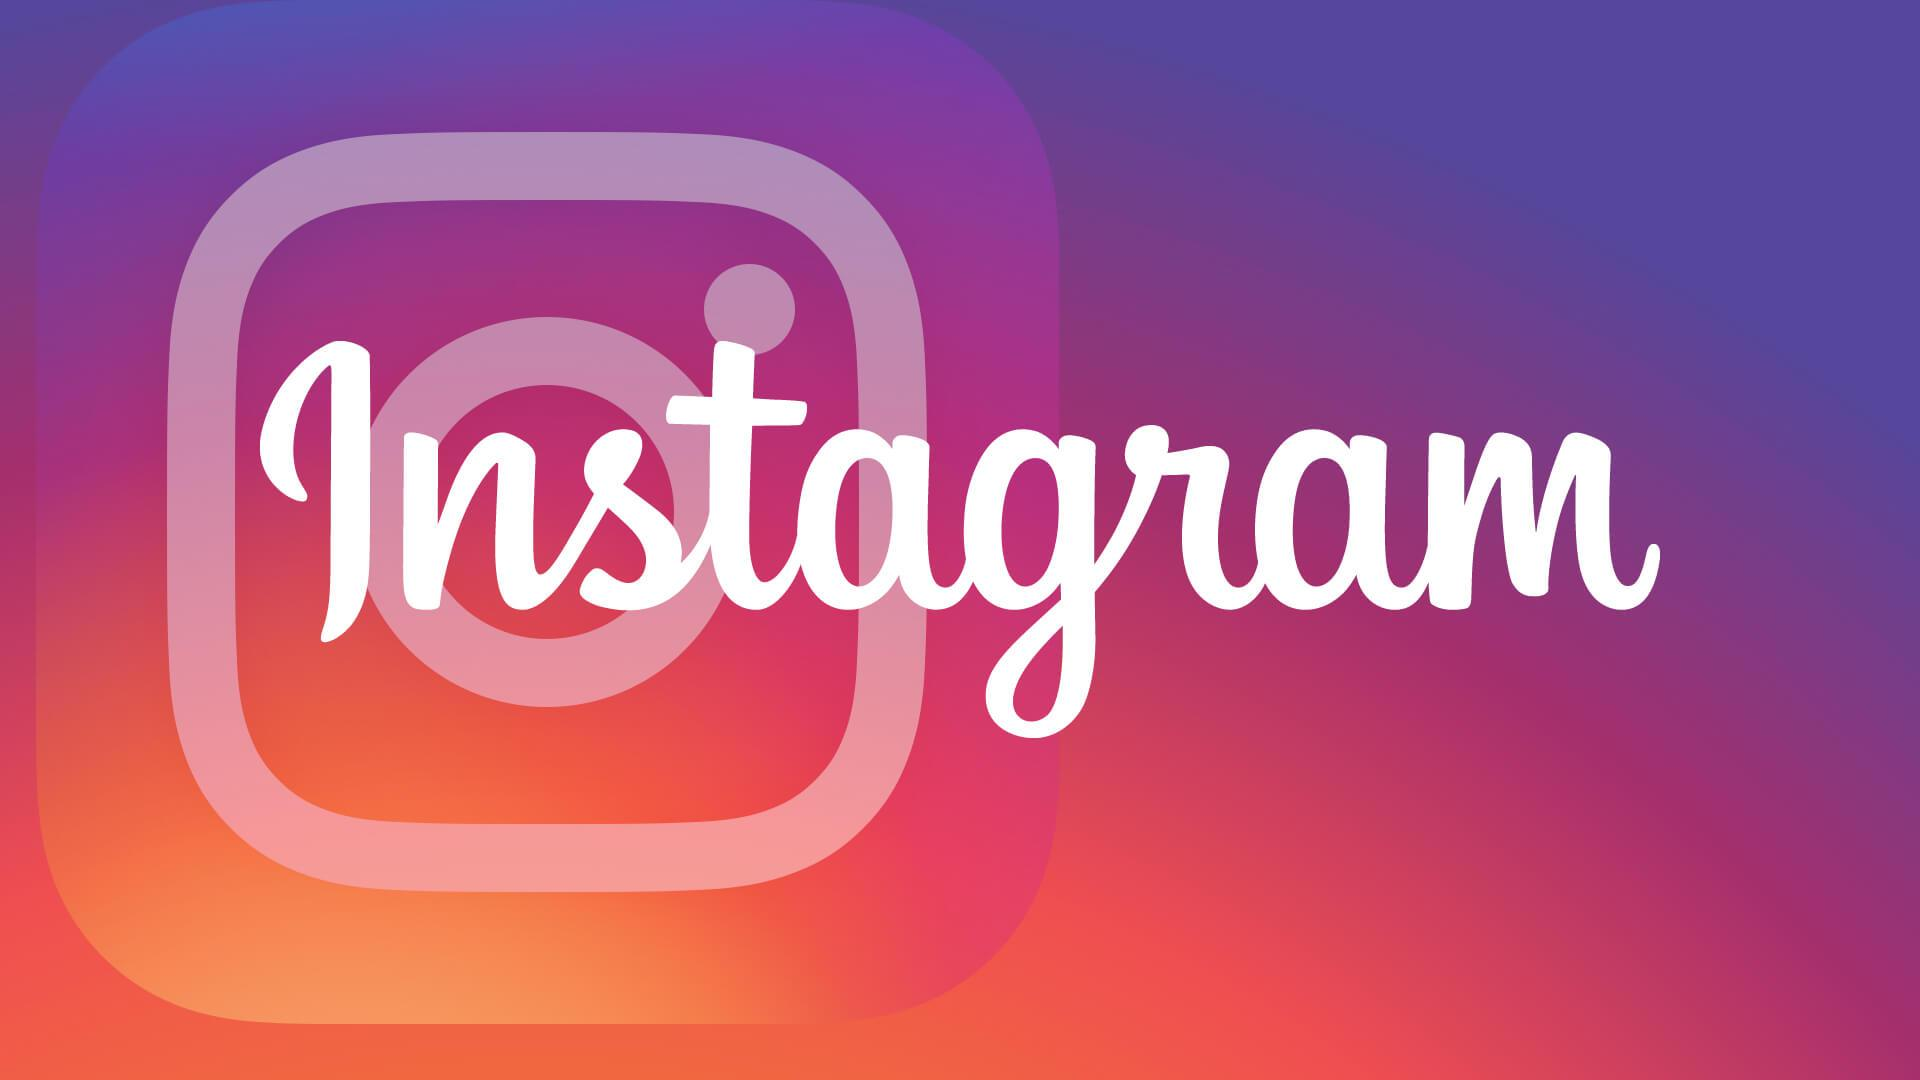 Instagram veut enrichir sa version Web en proposant l'accès à sa messagerie Direct